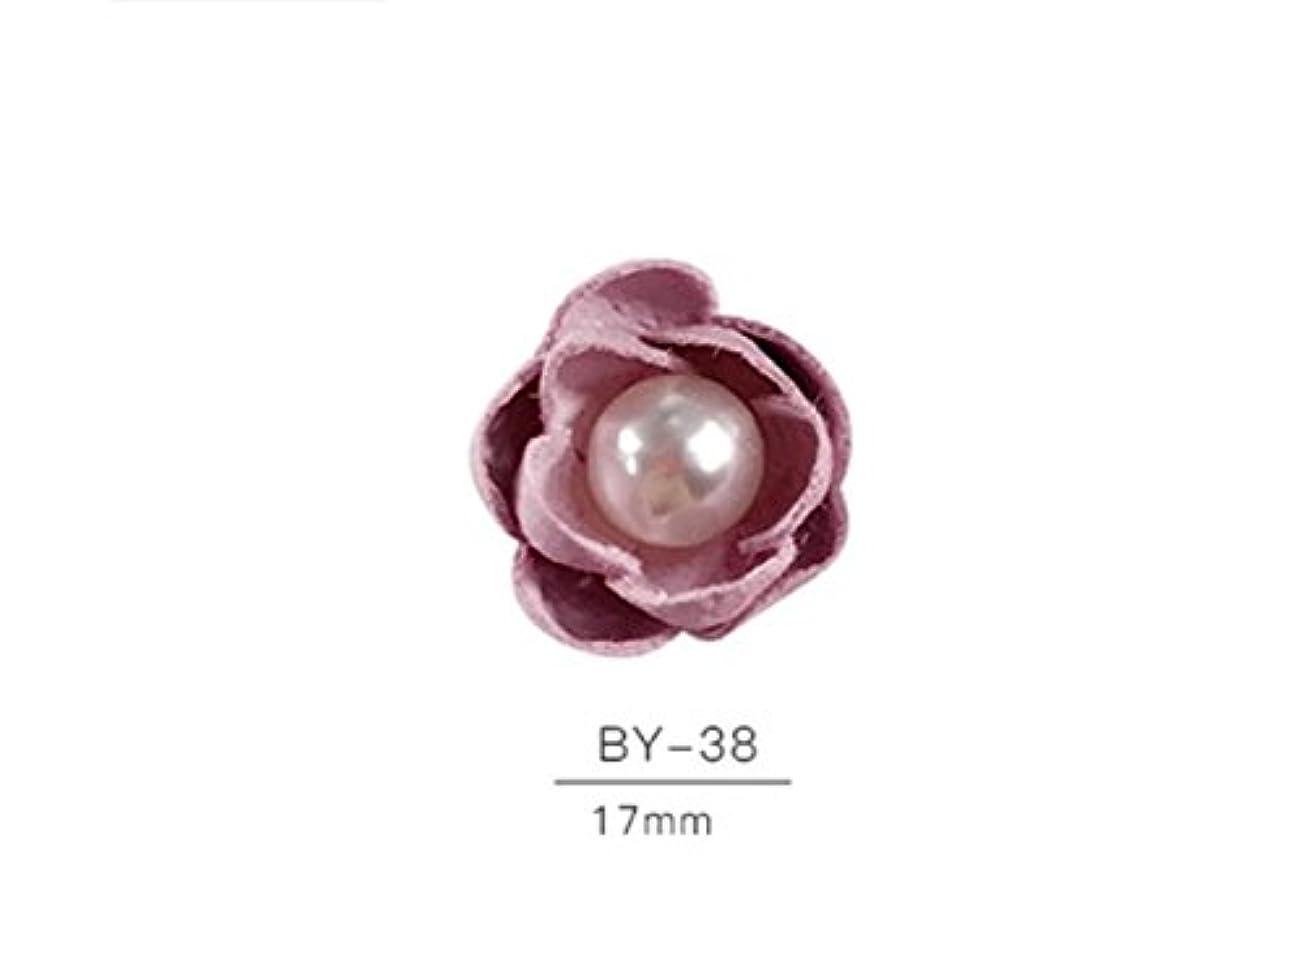 要塞爆弾浪費Osize 2個のカラフルなネイルアート樹脂真珠の宝石織物ネイルアートデコレーションネイルステッカー(ピンク)